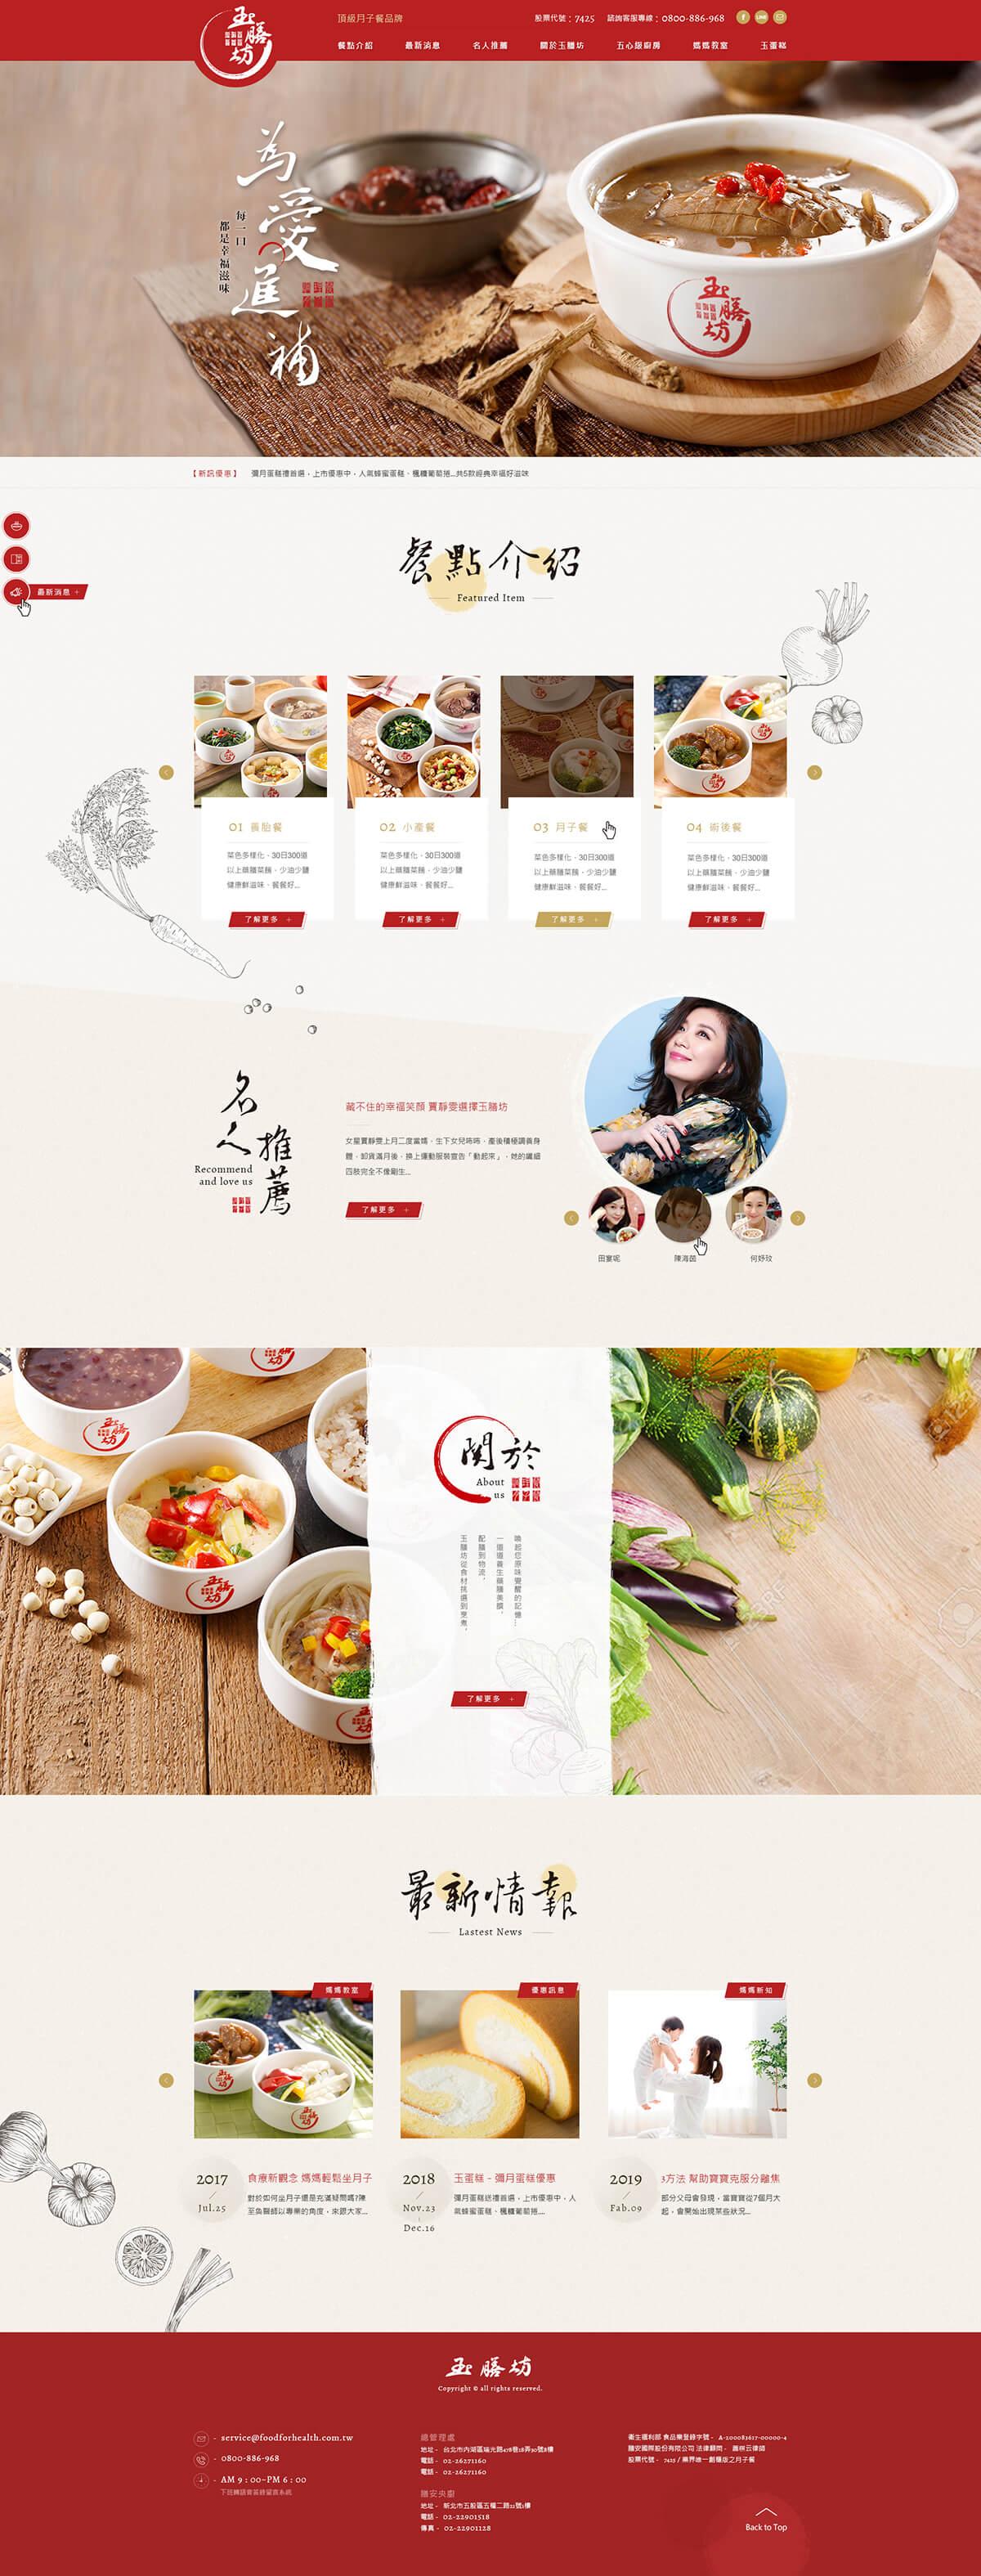 玉膳坊頂級月子餐-網頁設計